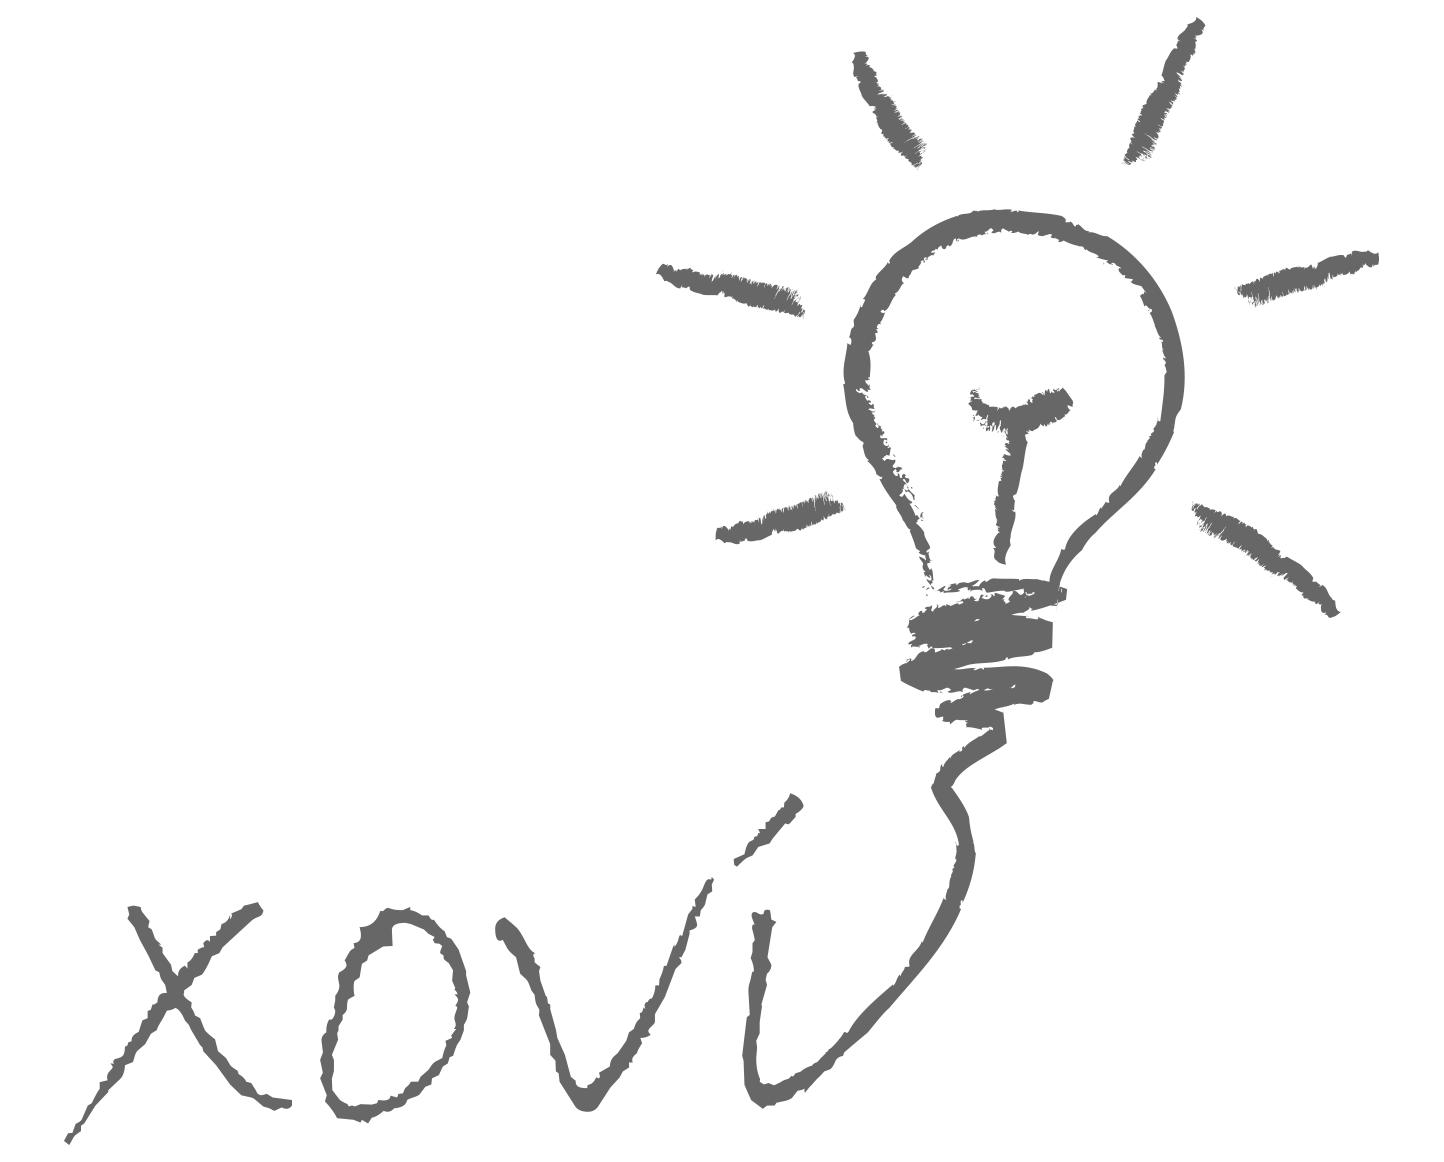 Xovilichter-Logo zur Keyword-Challenge 2014